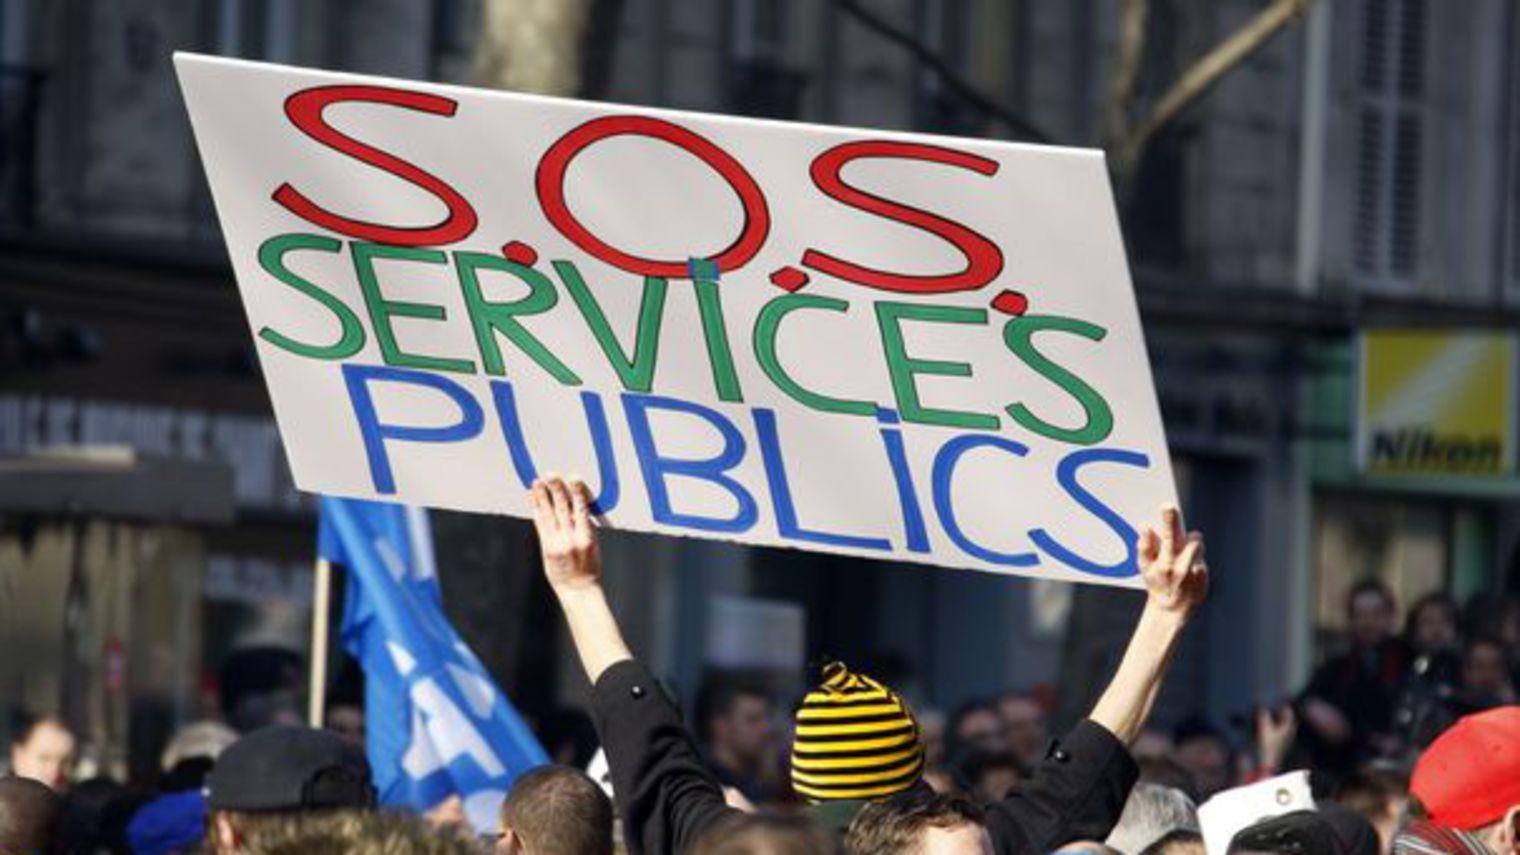 Collectif des habitants se mobilisent : Quels services publics pour mieux vivre dans notre quartier ? J'y serai et toi ? Venez nombreux pour faire avancer les choses dans votre quartier..